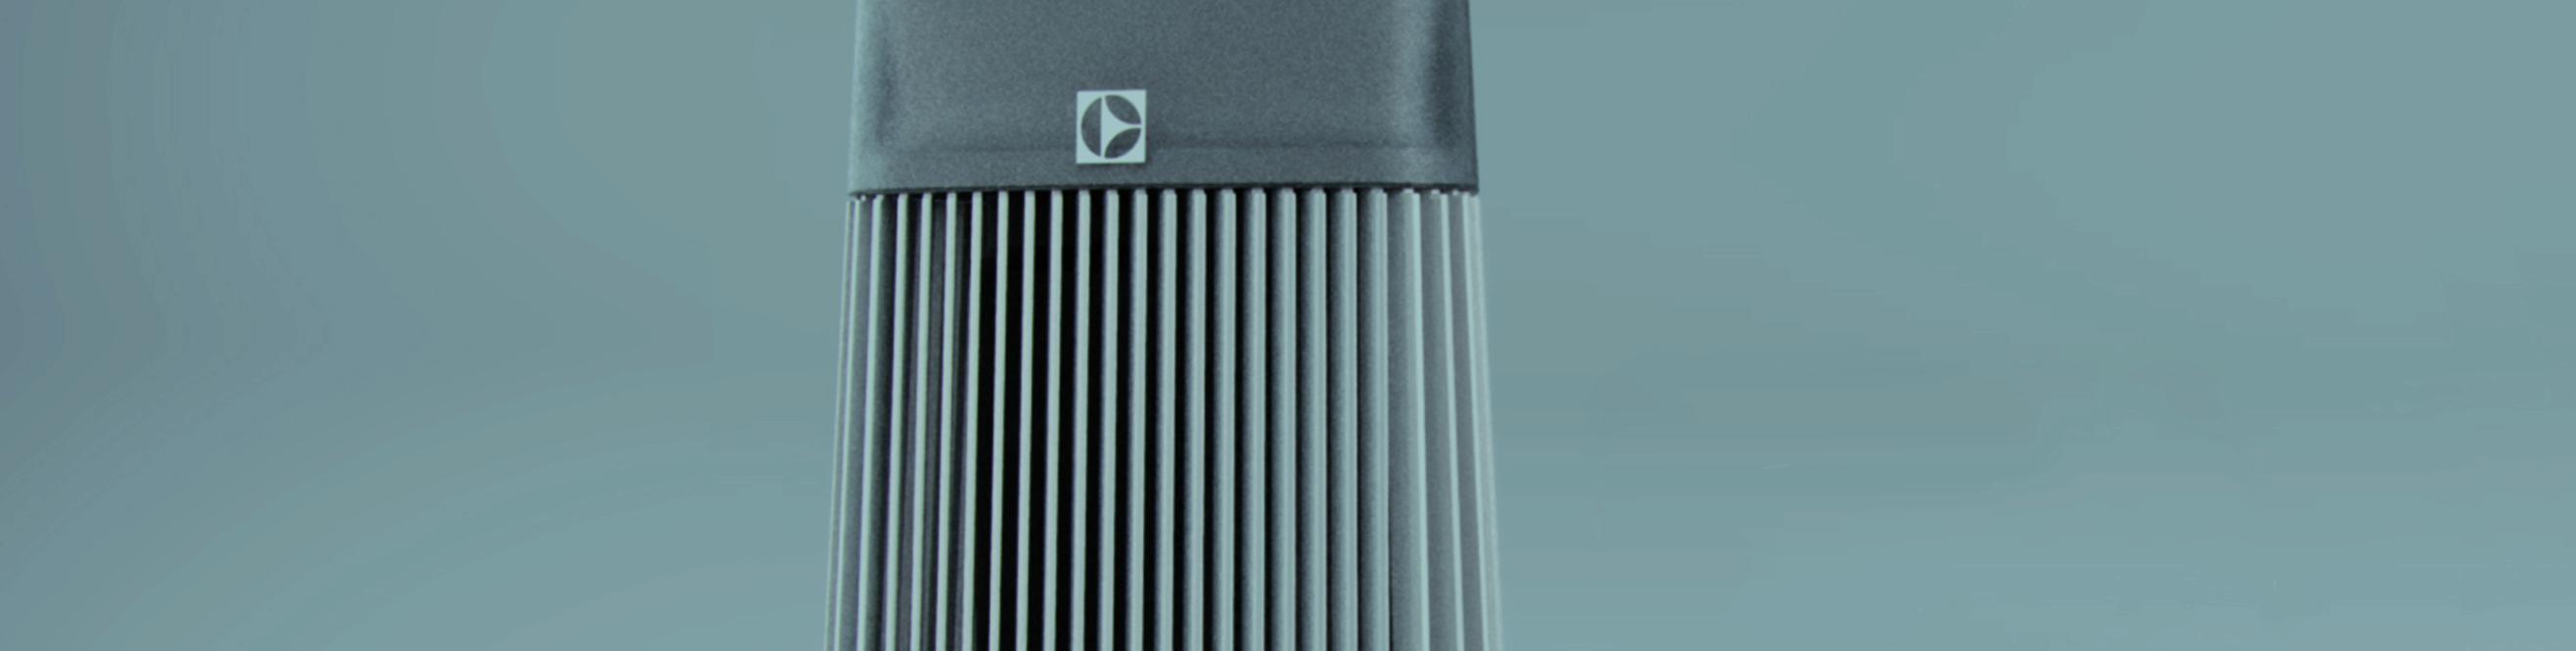 Electrolux - Concept Development